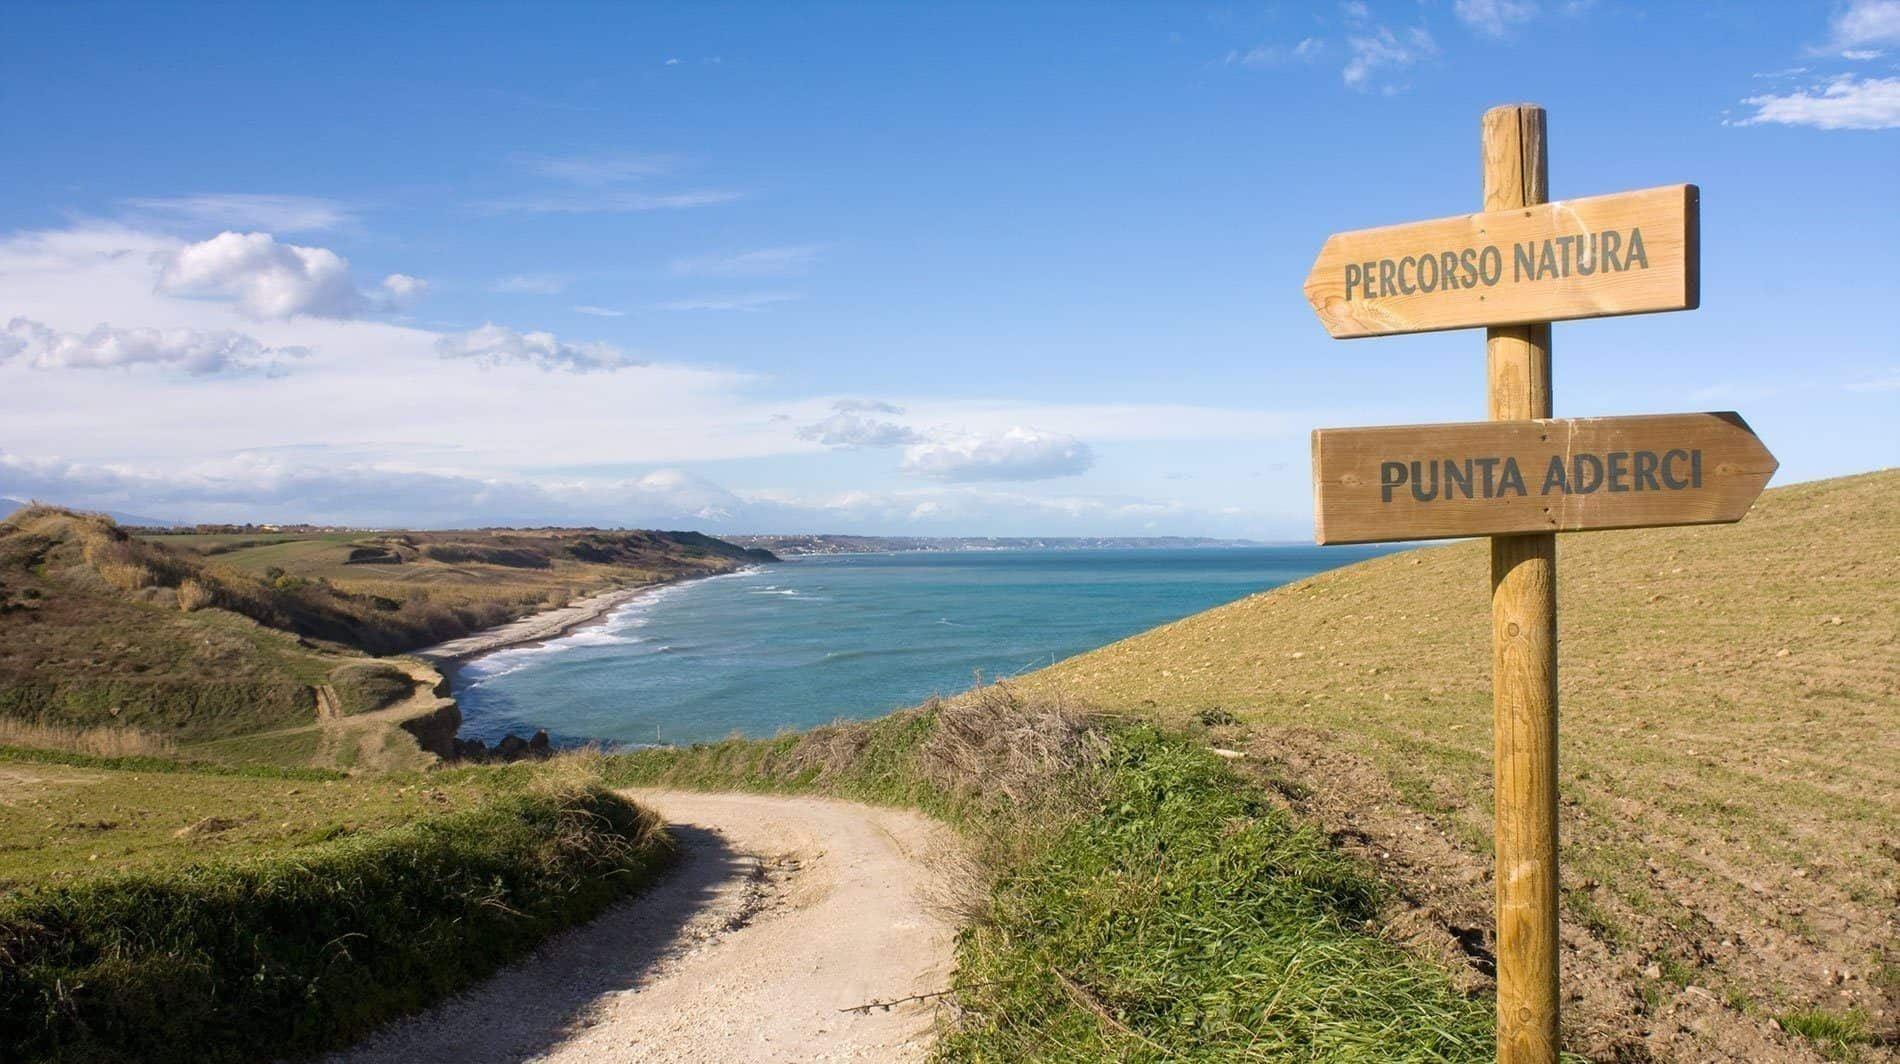 Li fai 2 passi in paradiso? 5 spiagge selvagge da raggiungere a piedi 👣